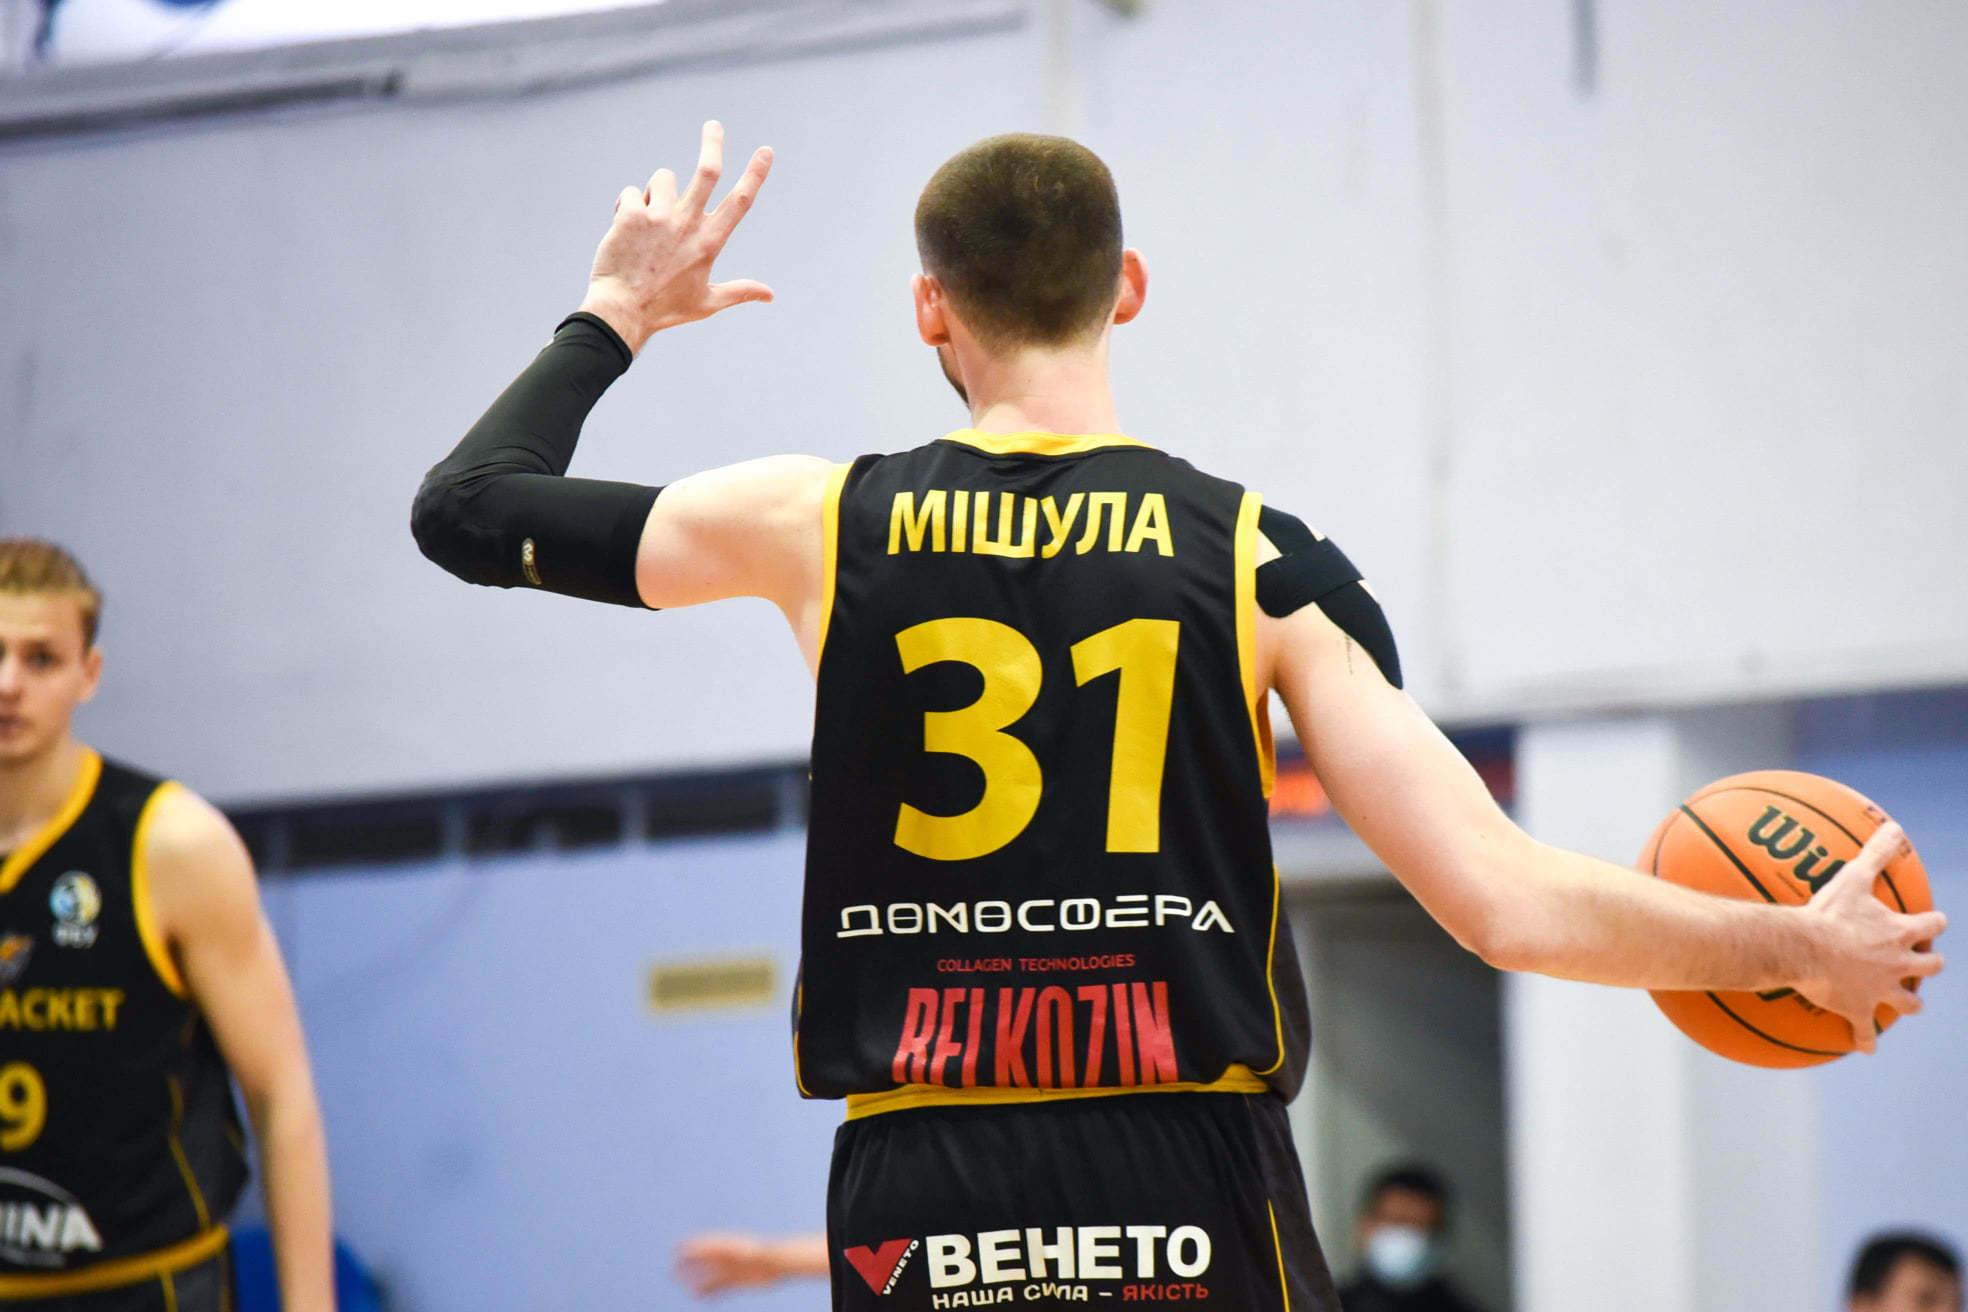 Київ-Баскет впевнено переграв Миколаїв: фотогалерея